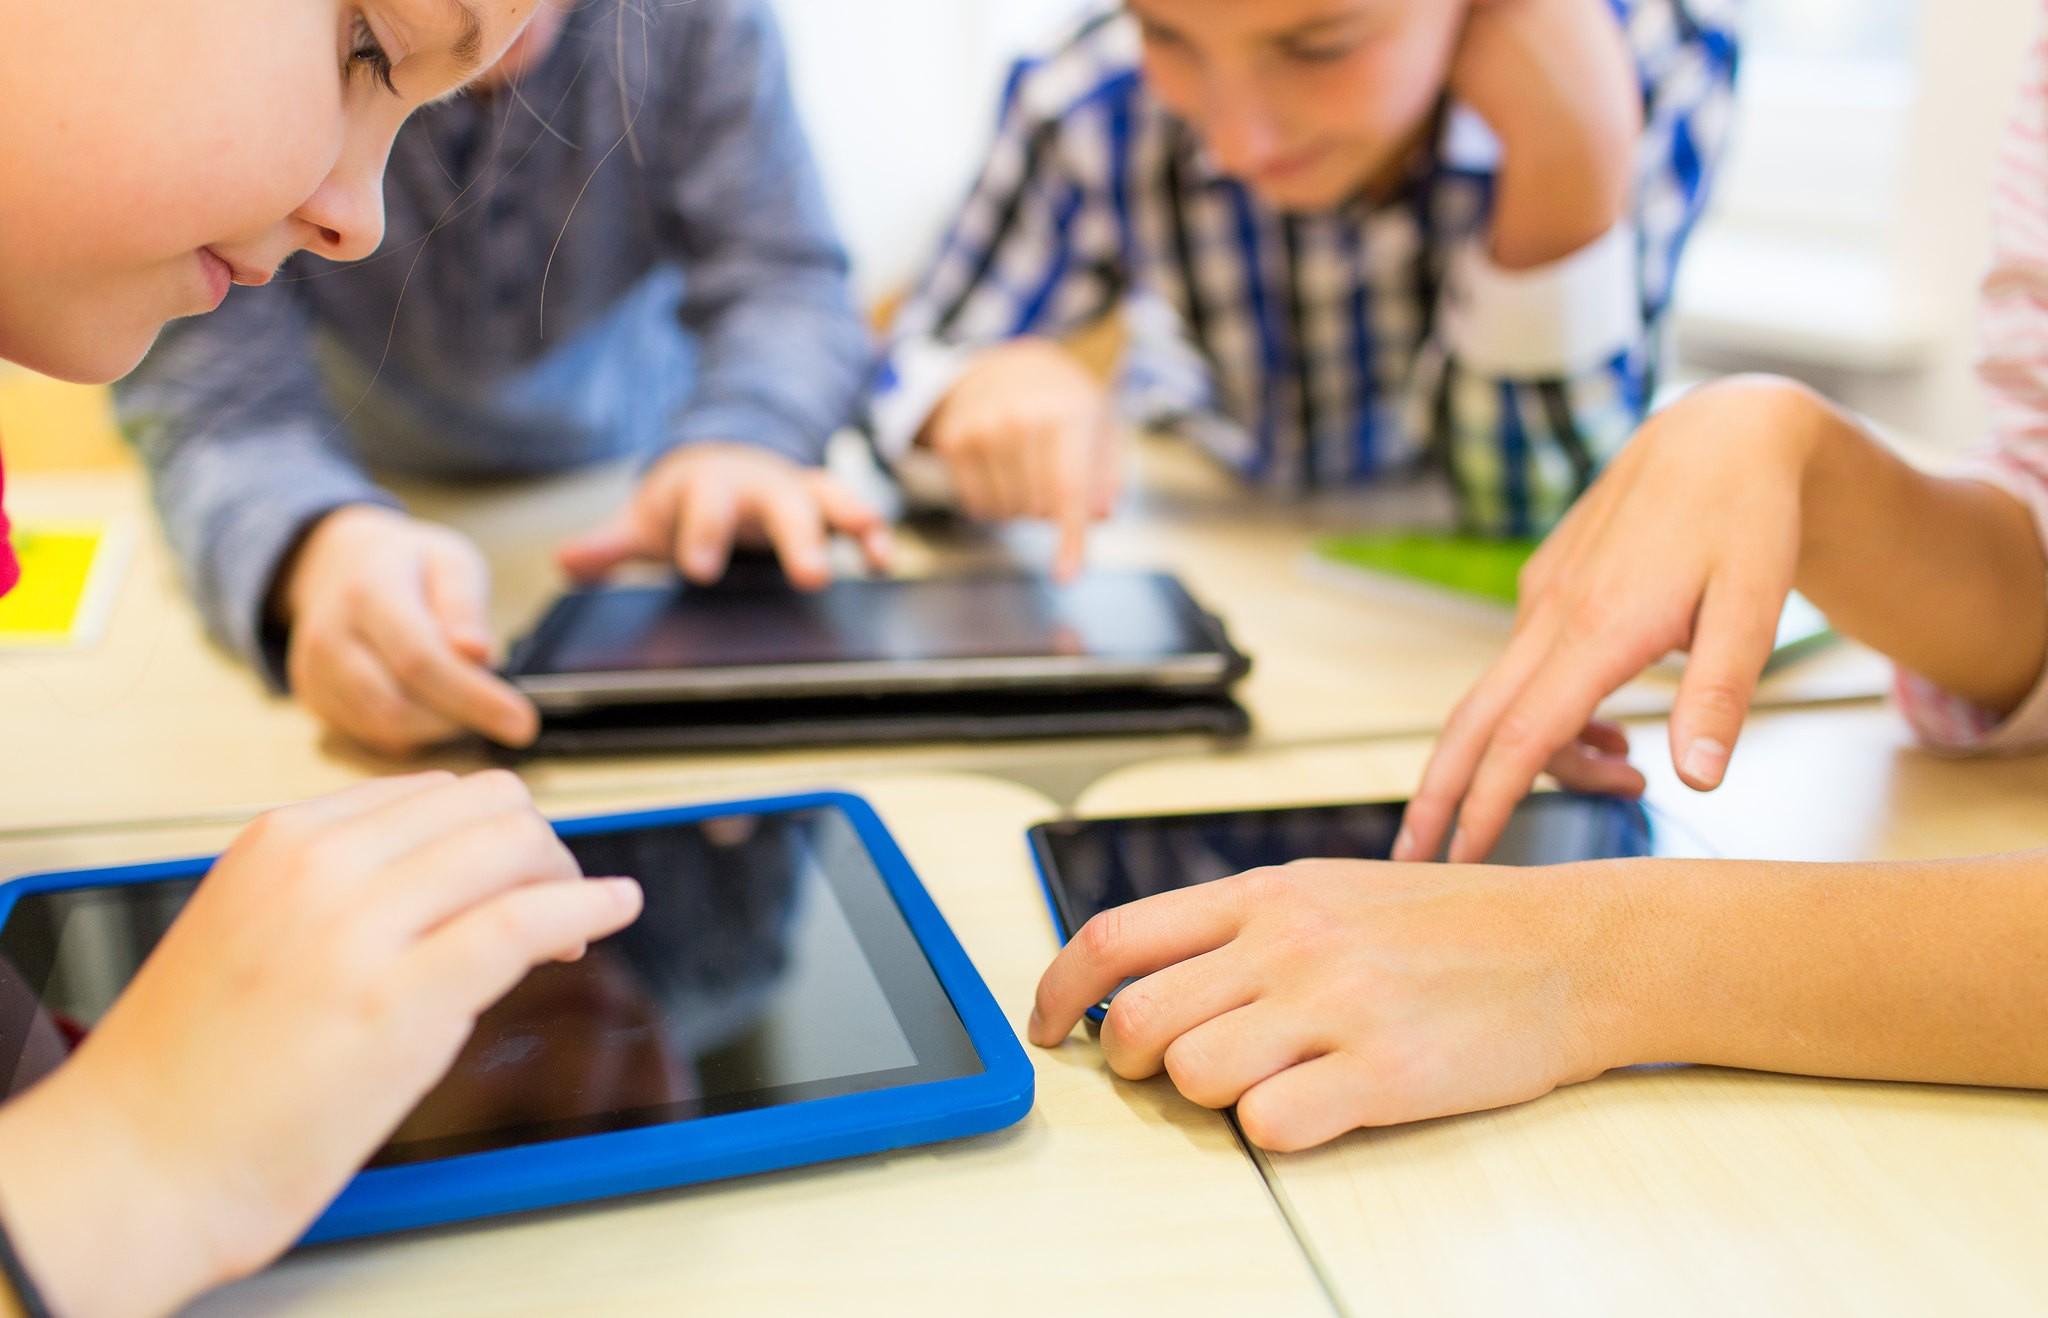 K3 Kleurplaten Spelletjes.Apps Voor Klein Kinderen 5 Welke Spelletjes Zijn De Moeite